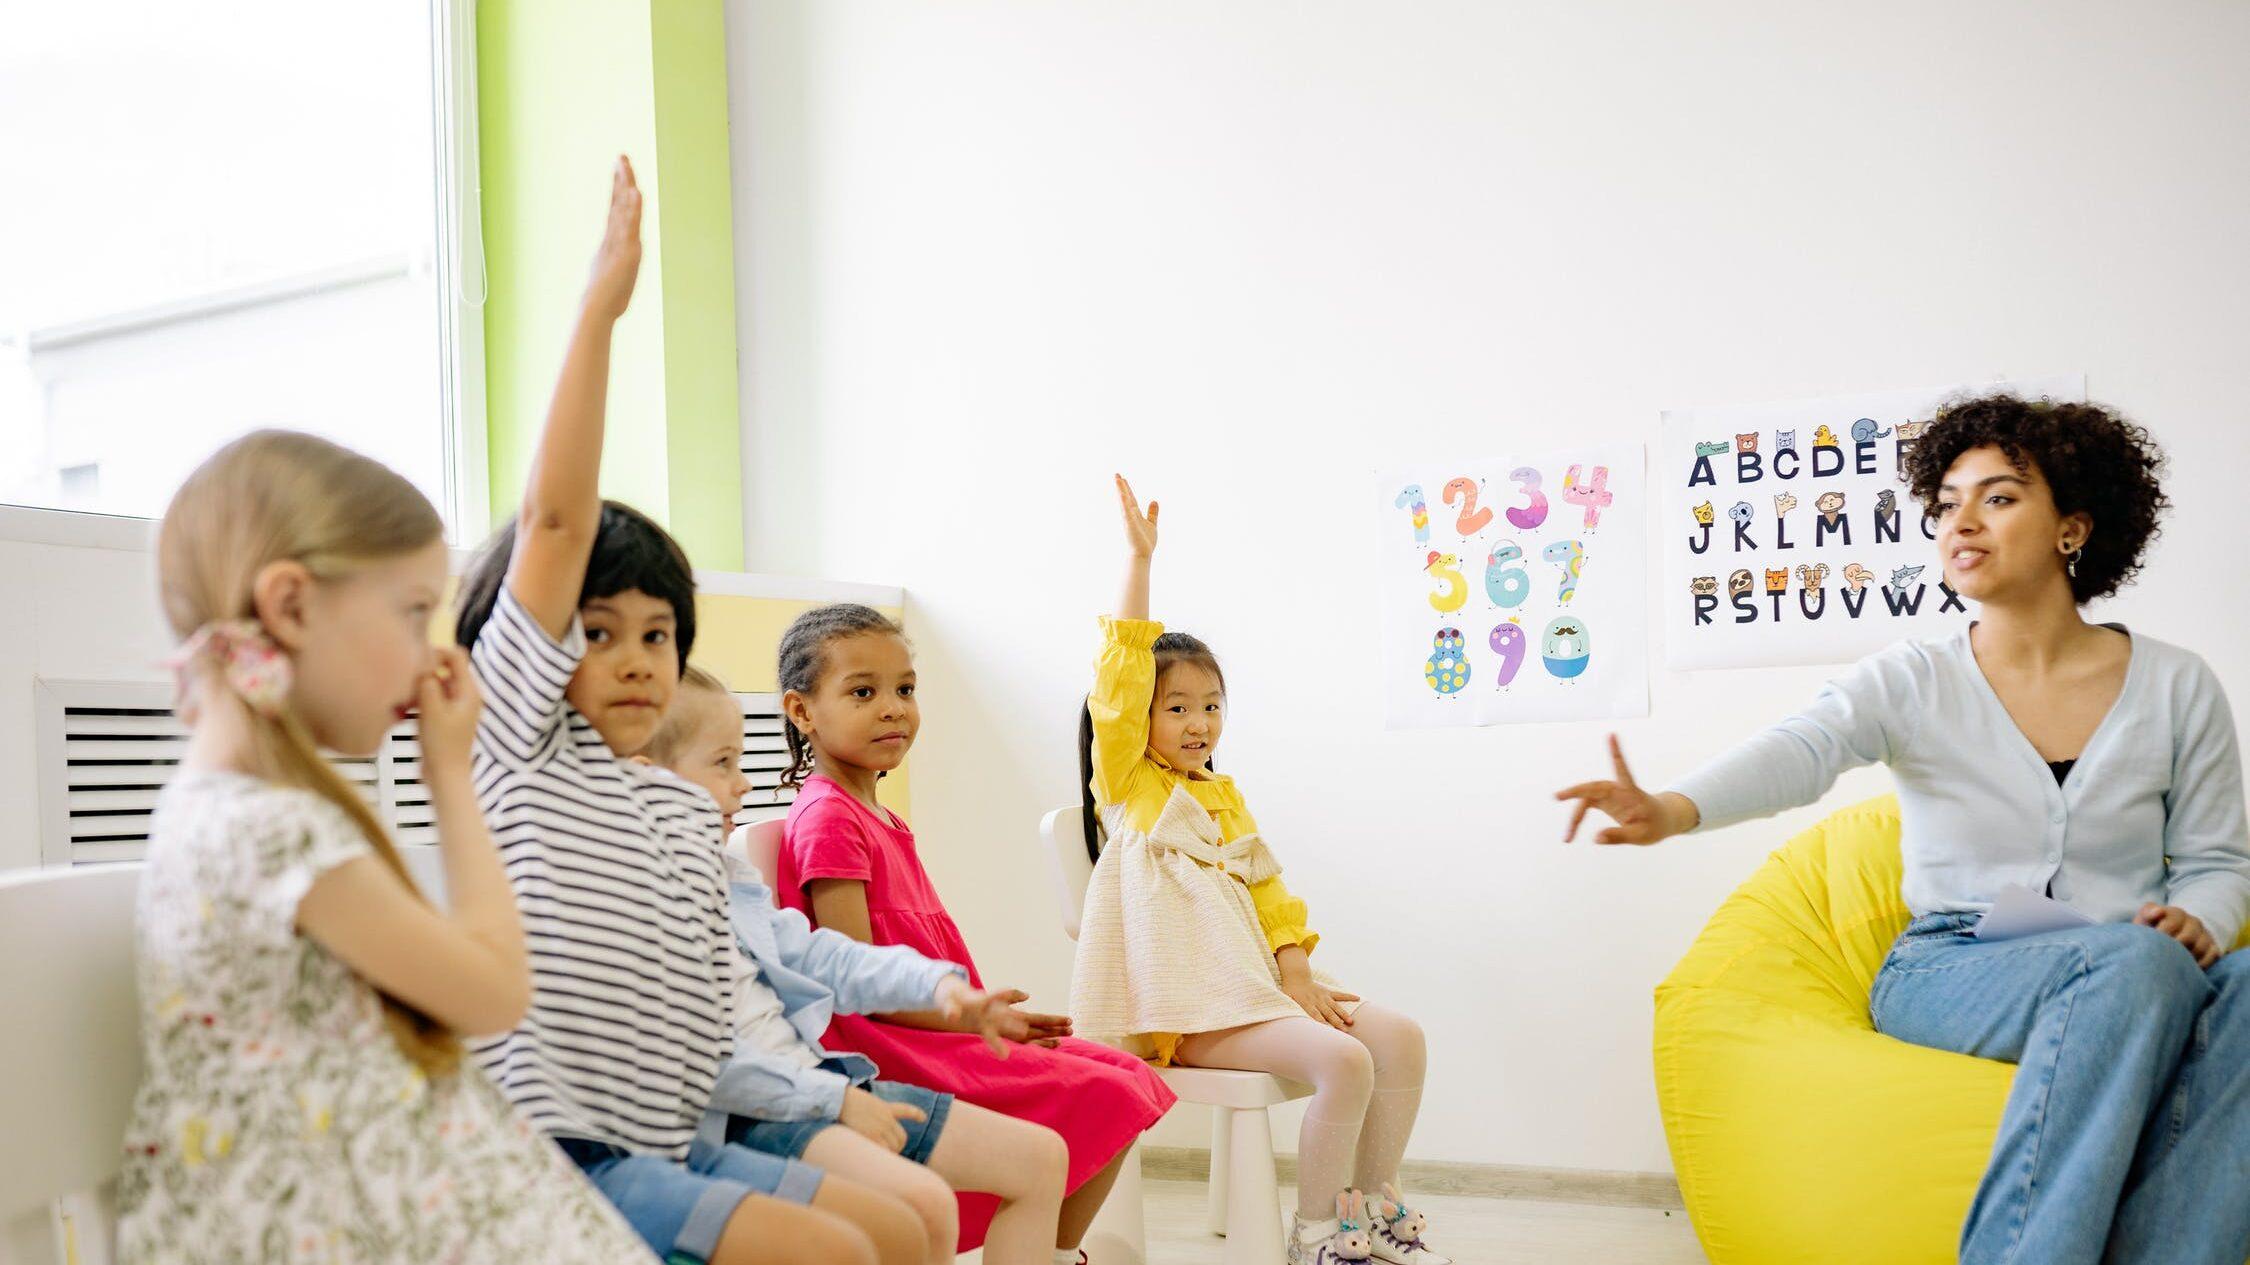 習い事させない・しない子育てのメリット・デメリットは?習い事をさせない親という選択肢のイメージ画像5